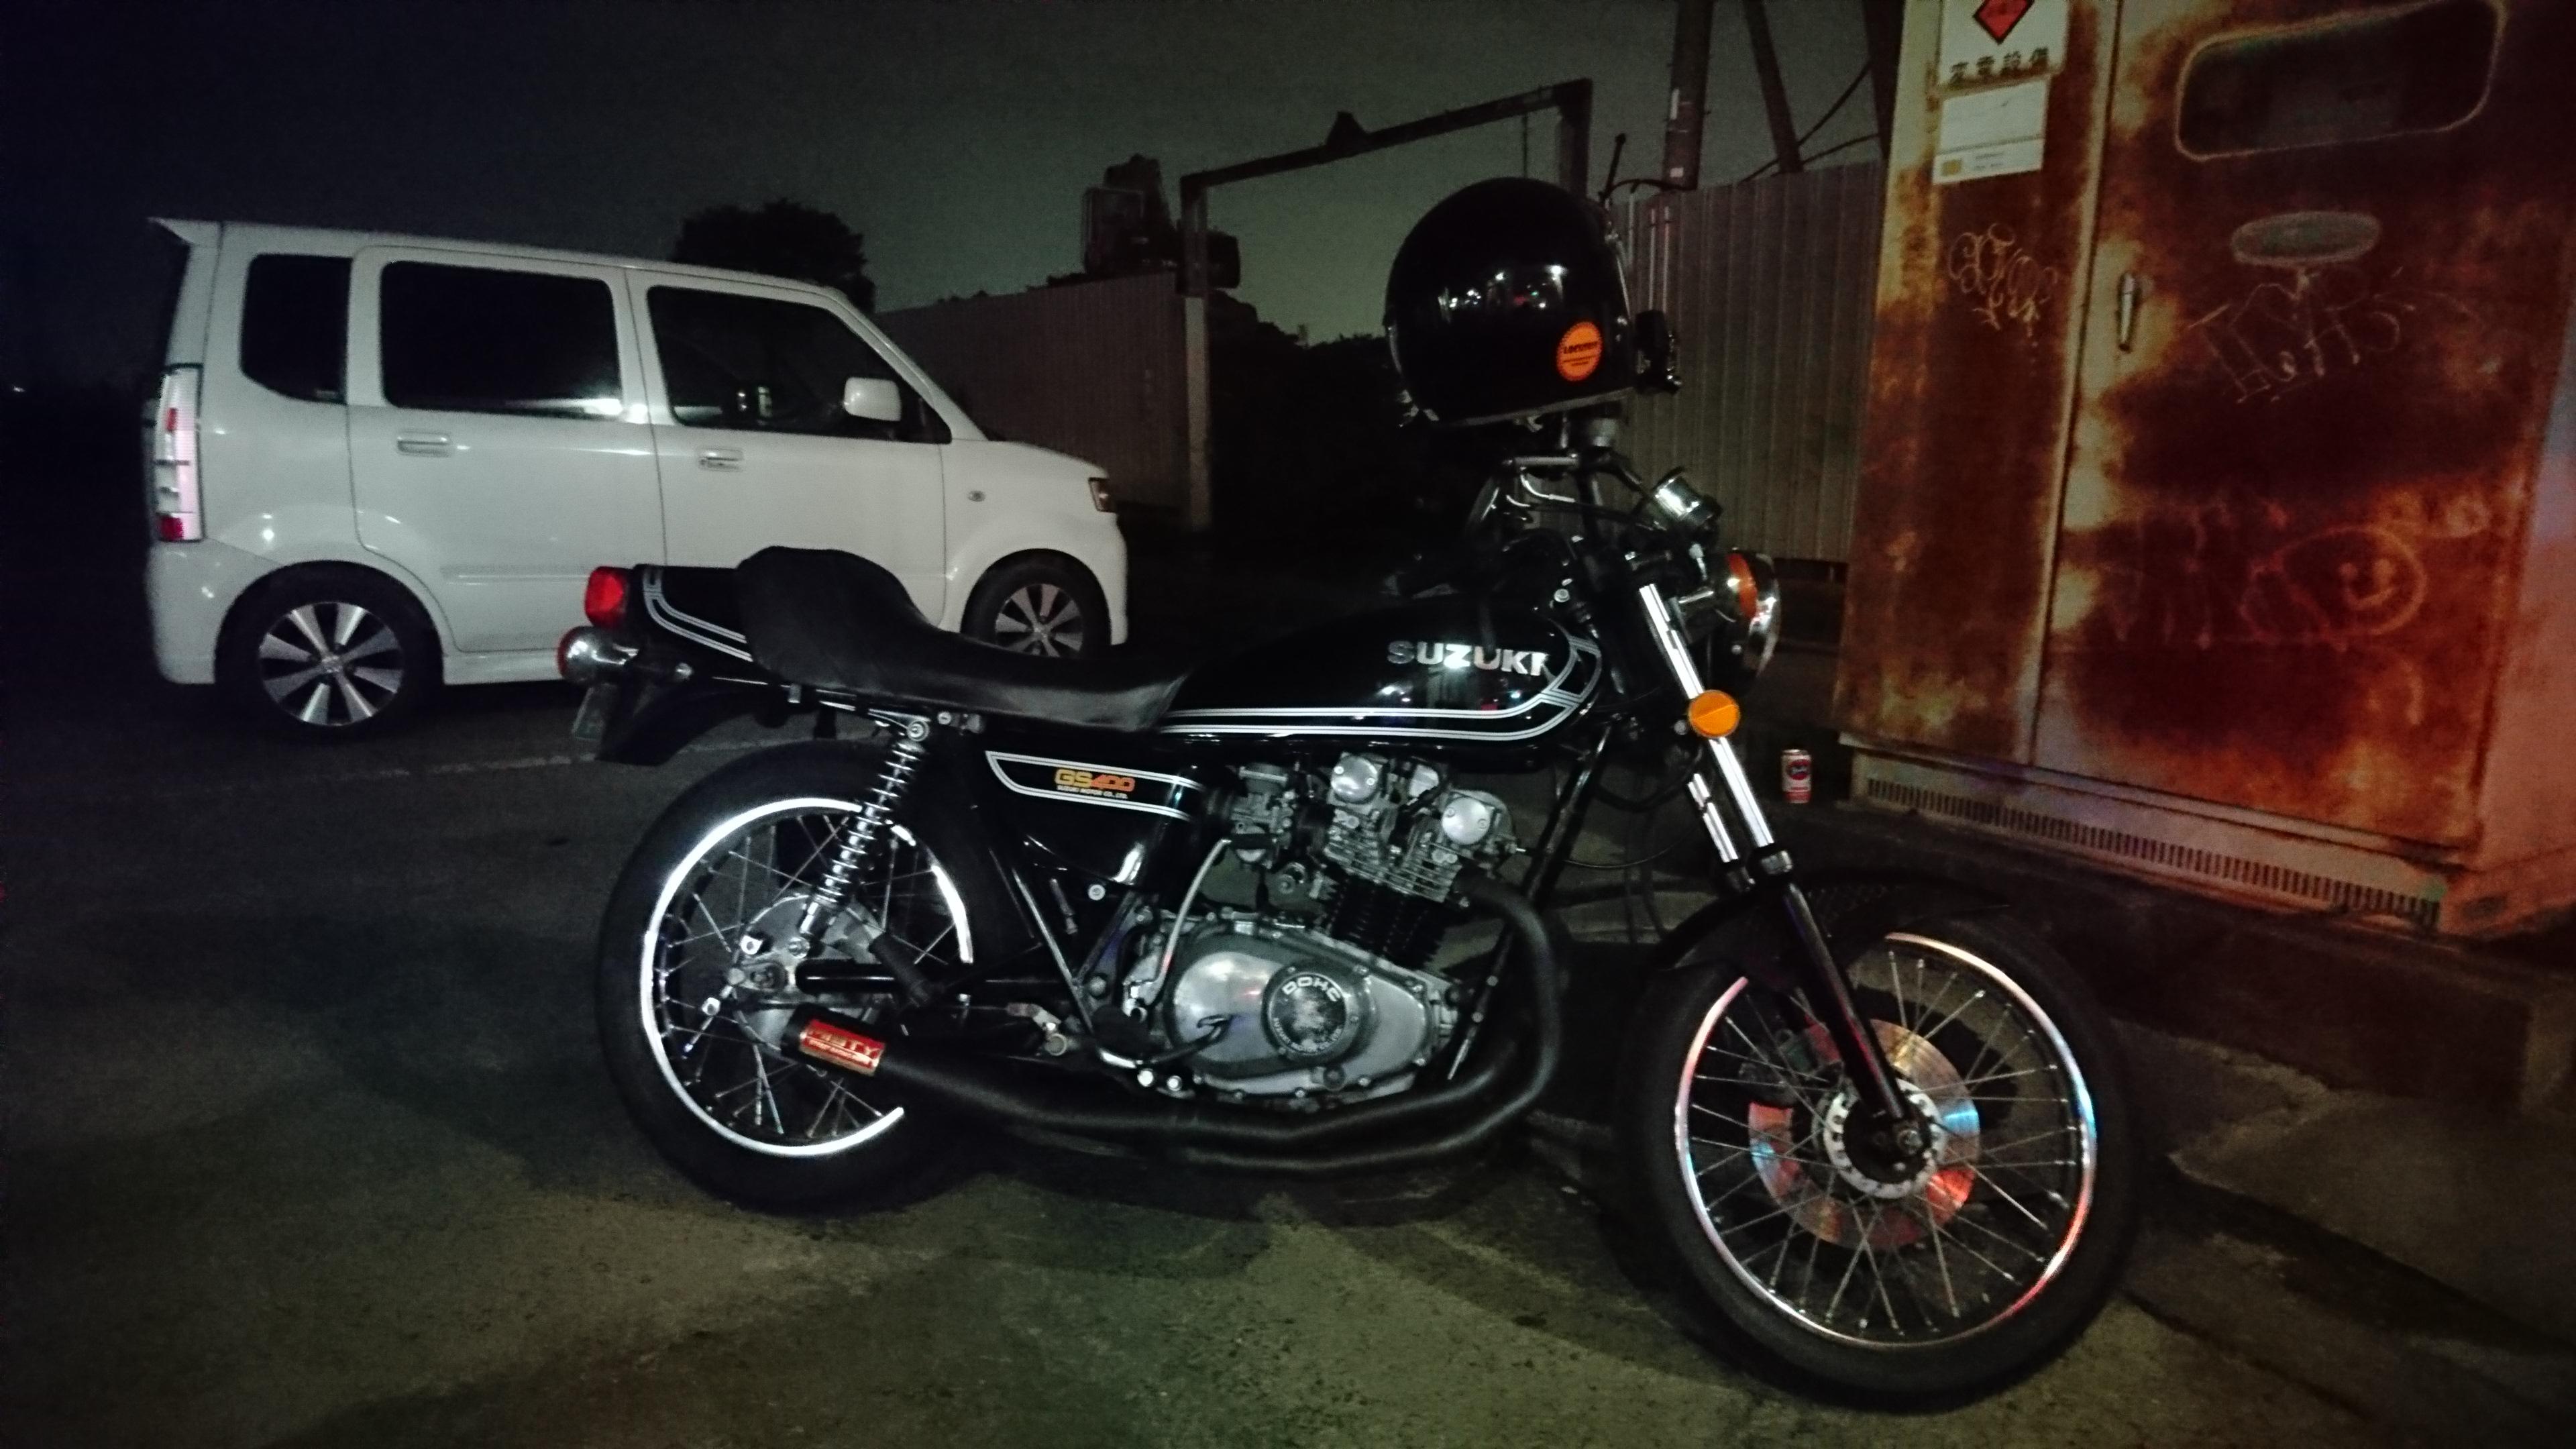 GS400とダムトラックスアキラのヘルメット